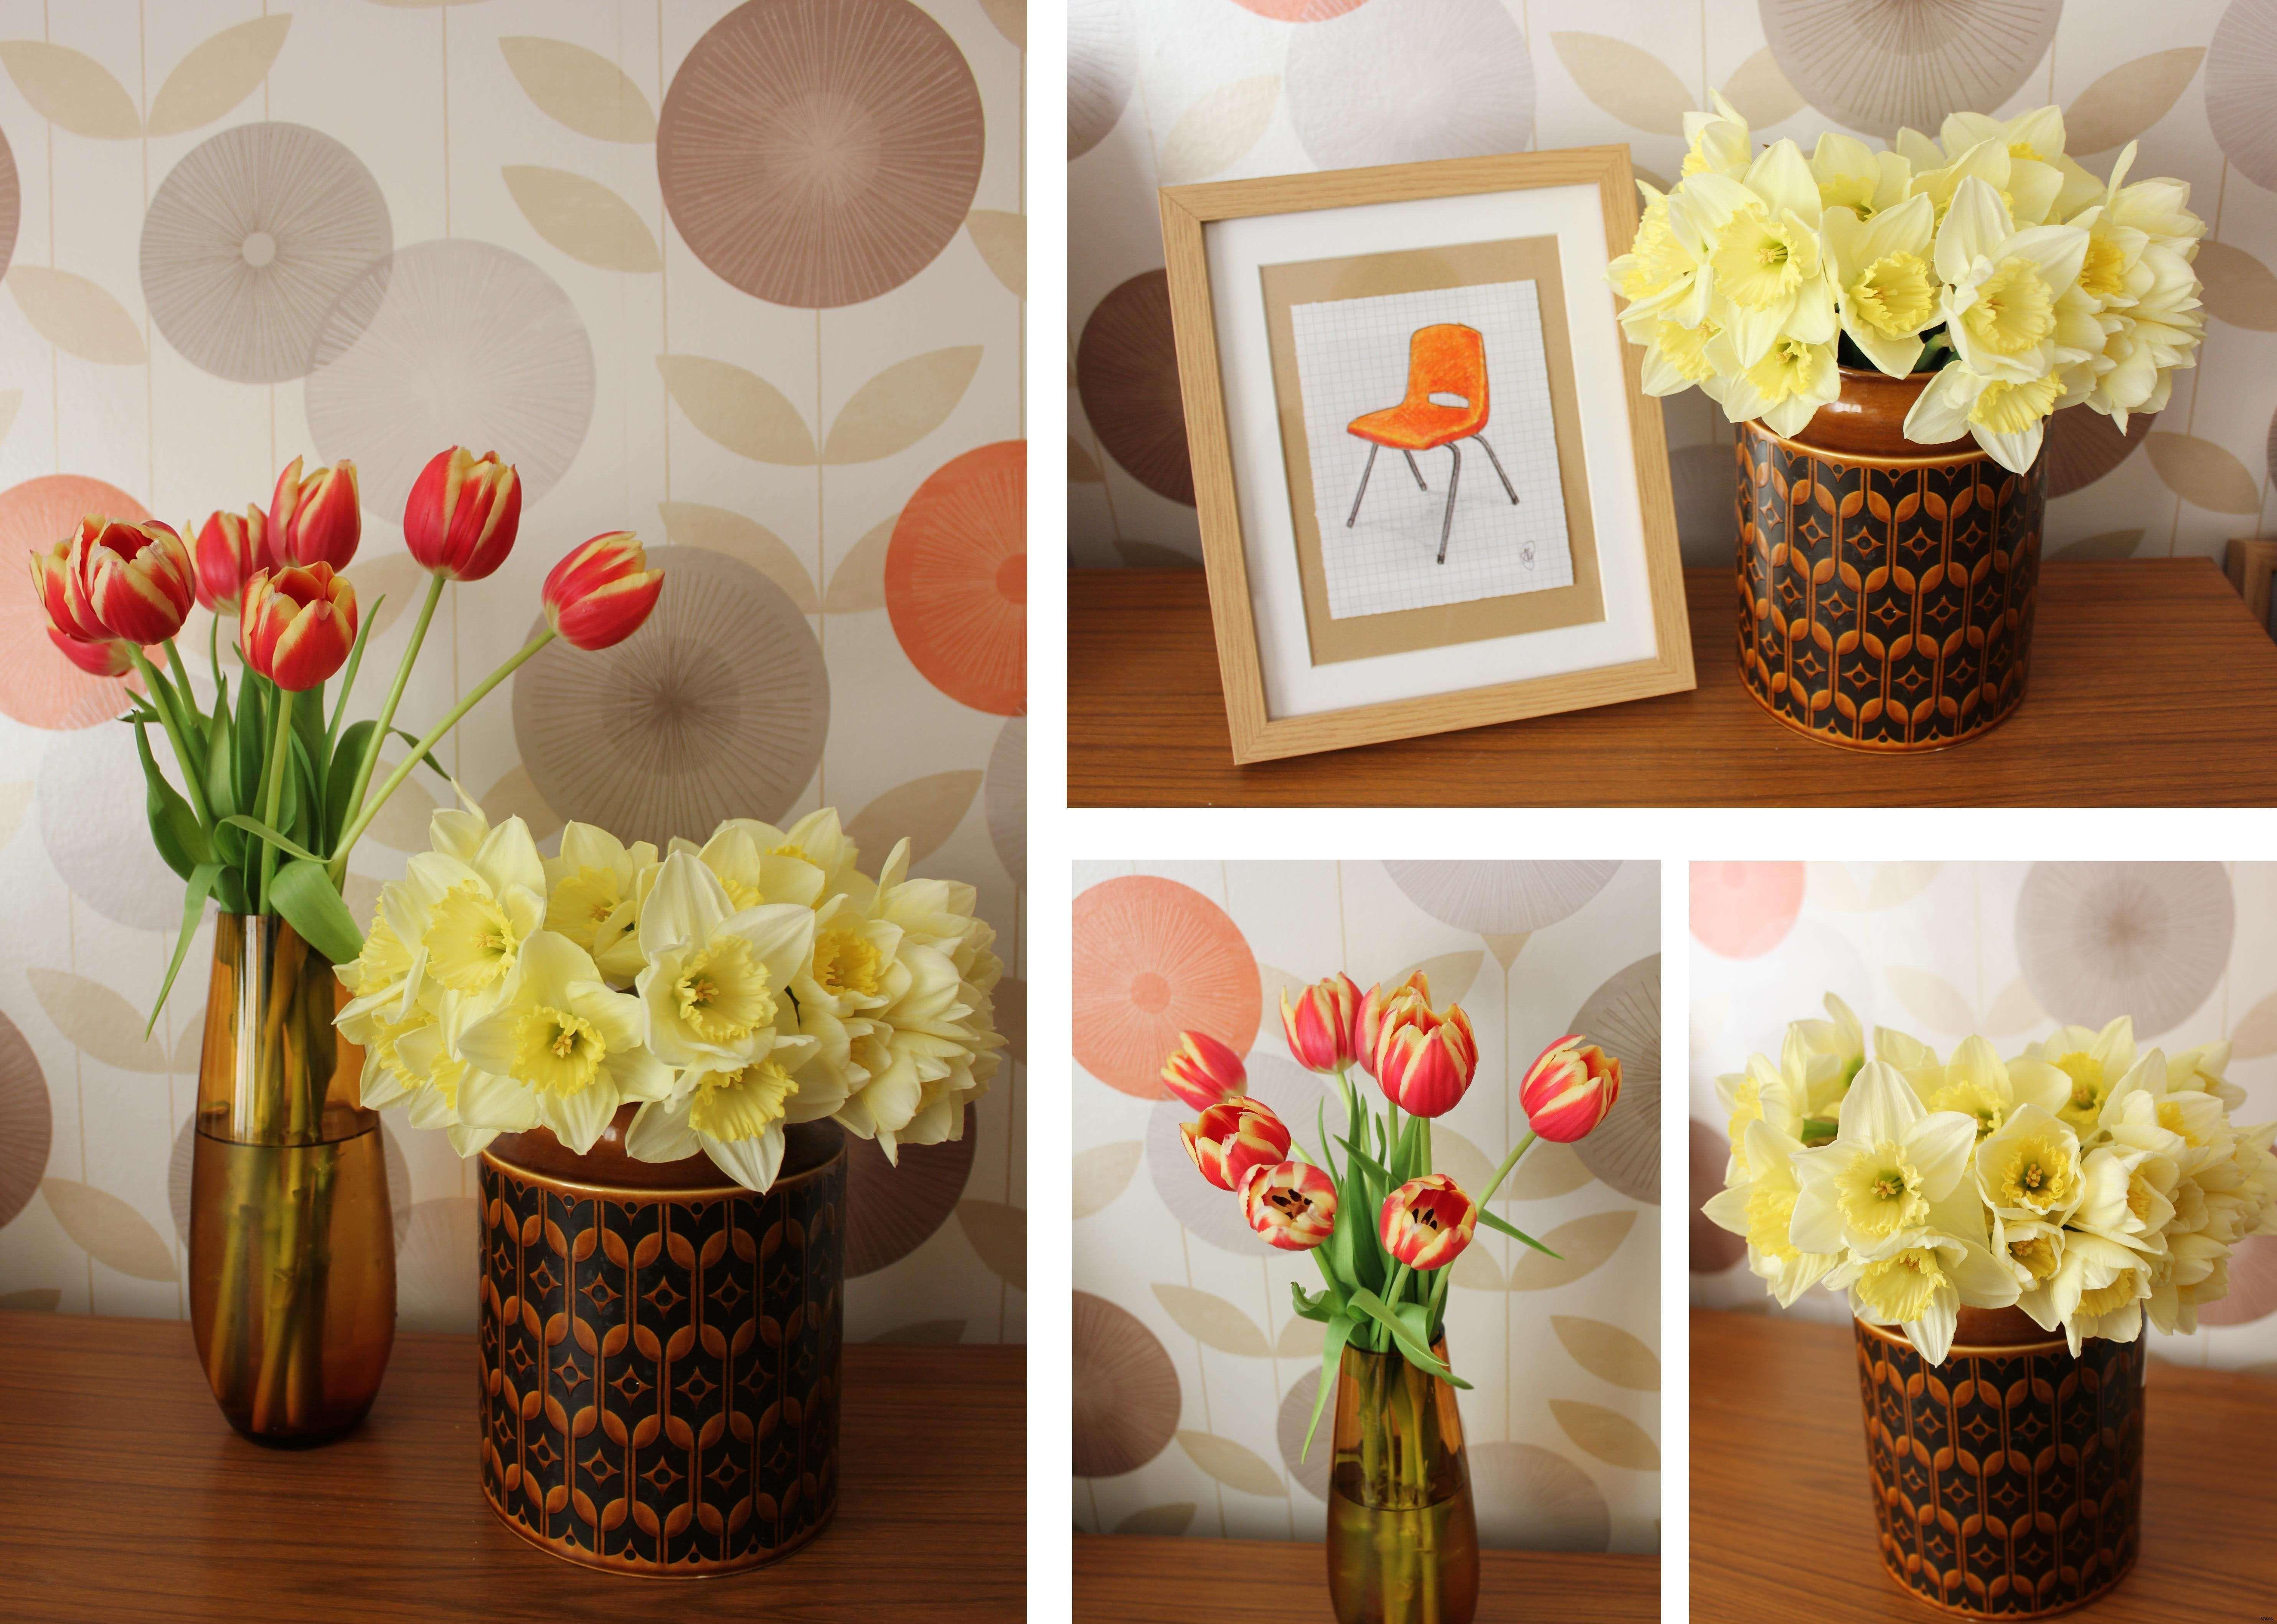 baby shower vases of 6 cylinder vase awesome diy home decor vaseh vases decorative flower for 6 cylinder vase awesome diy home decor vaseh vases decorative flower ideas i 0d design